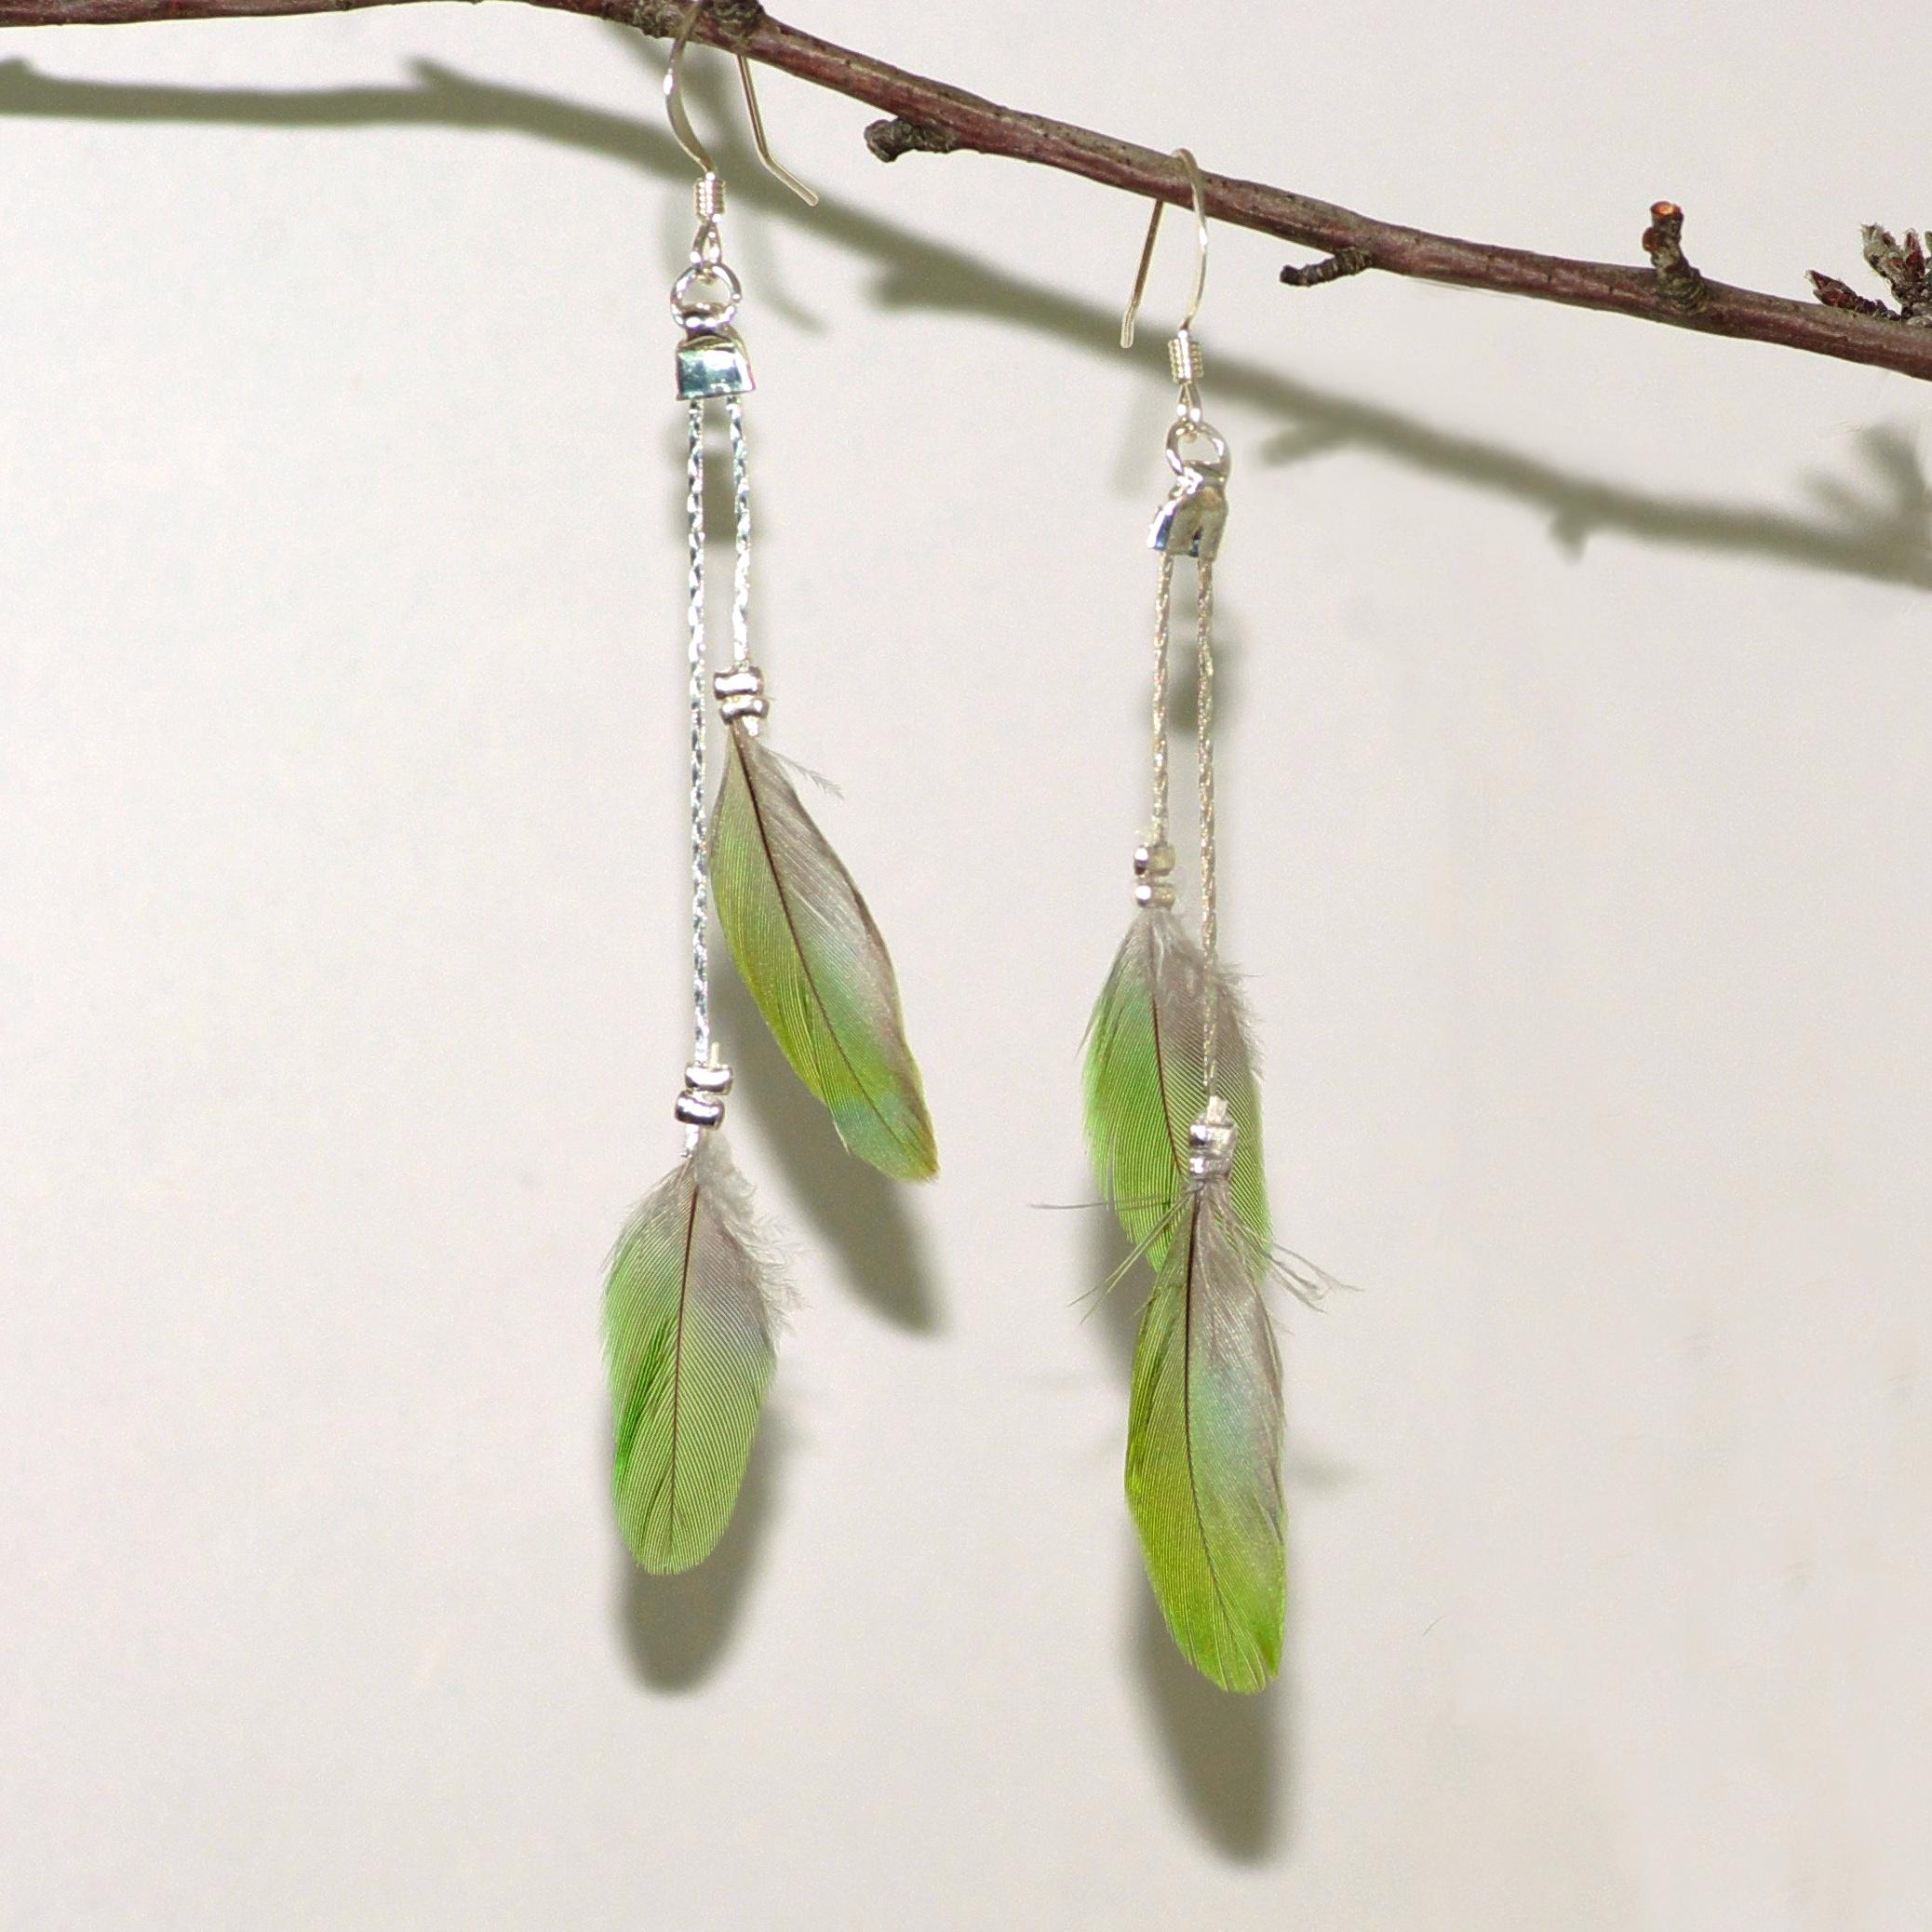 Boucles d'oreilles plumes vertes et fines chaînes en inox